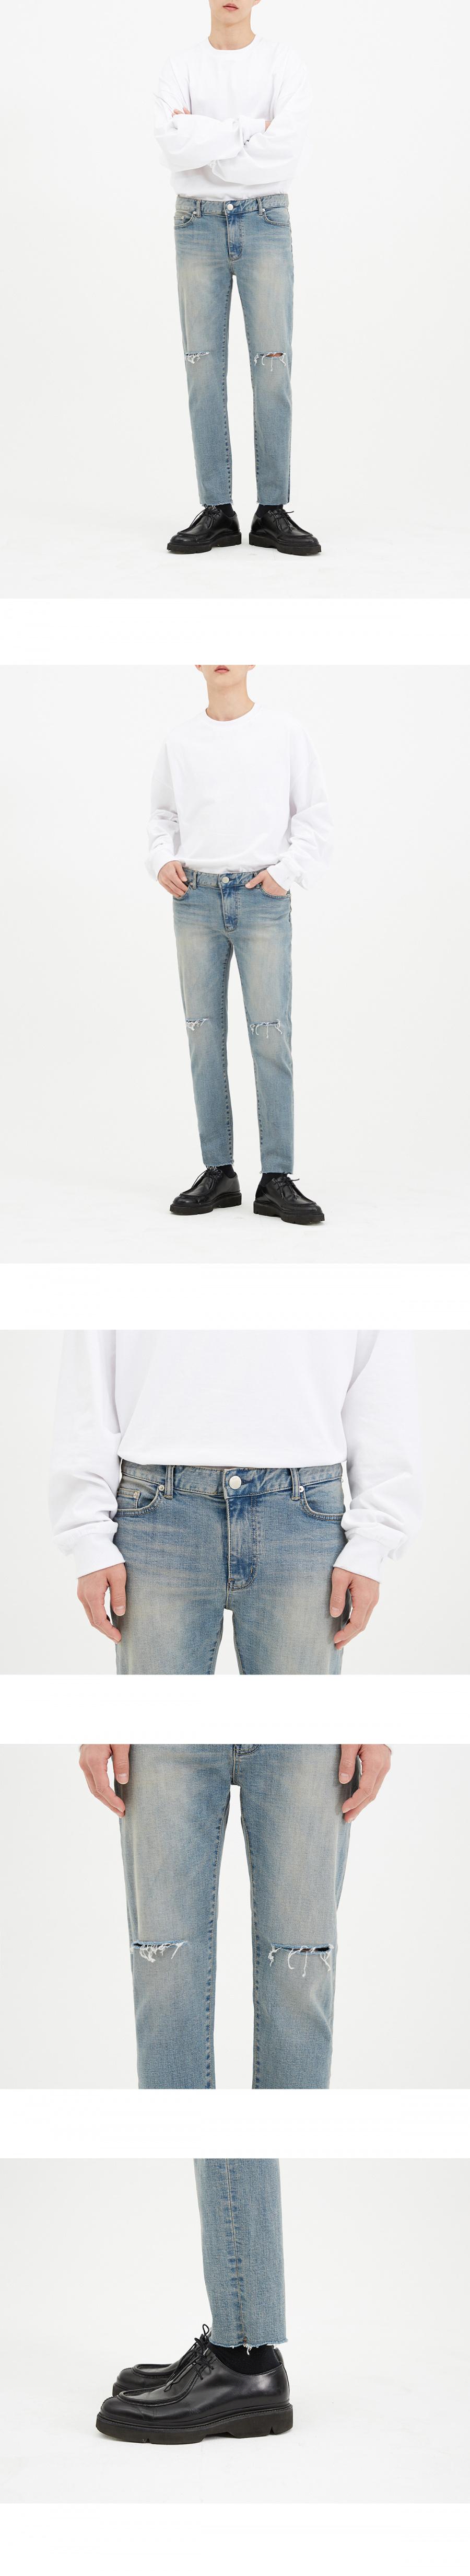 86로드(86ROAD) 1713 slim cutting jeans